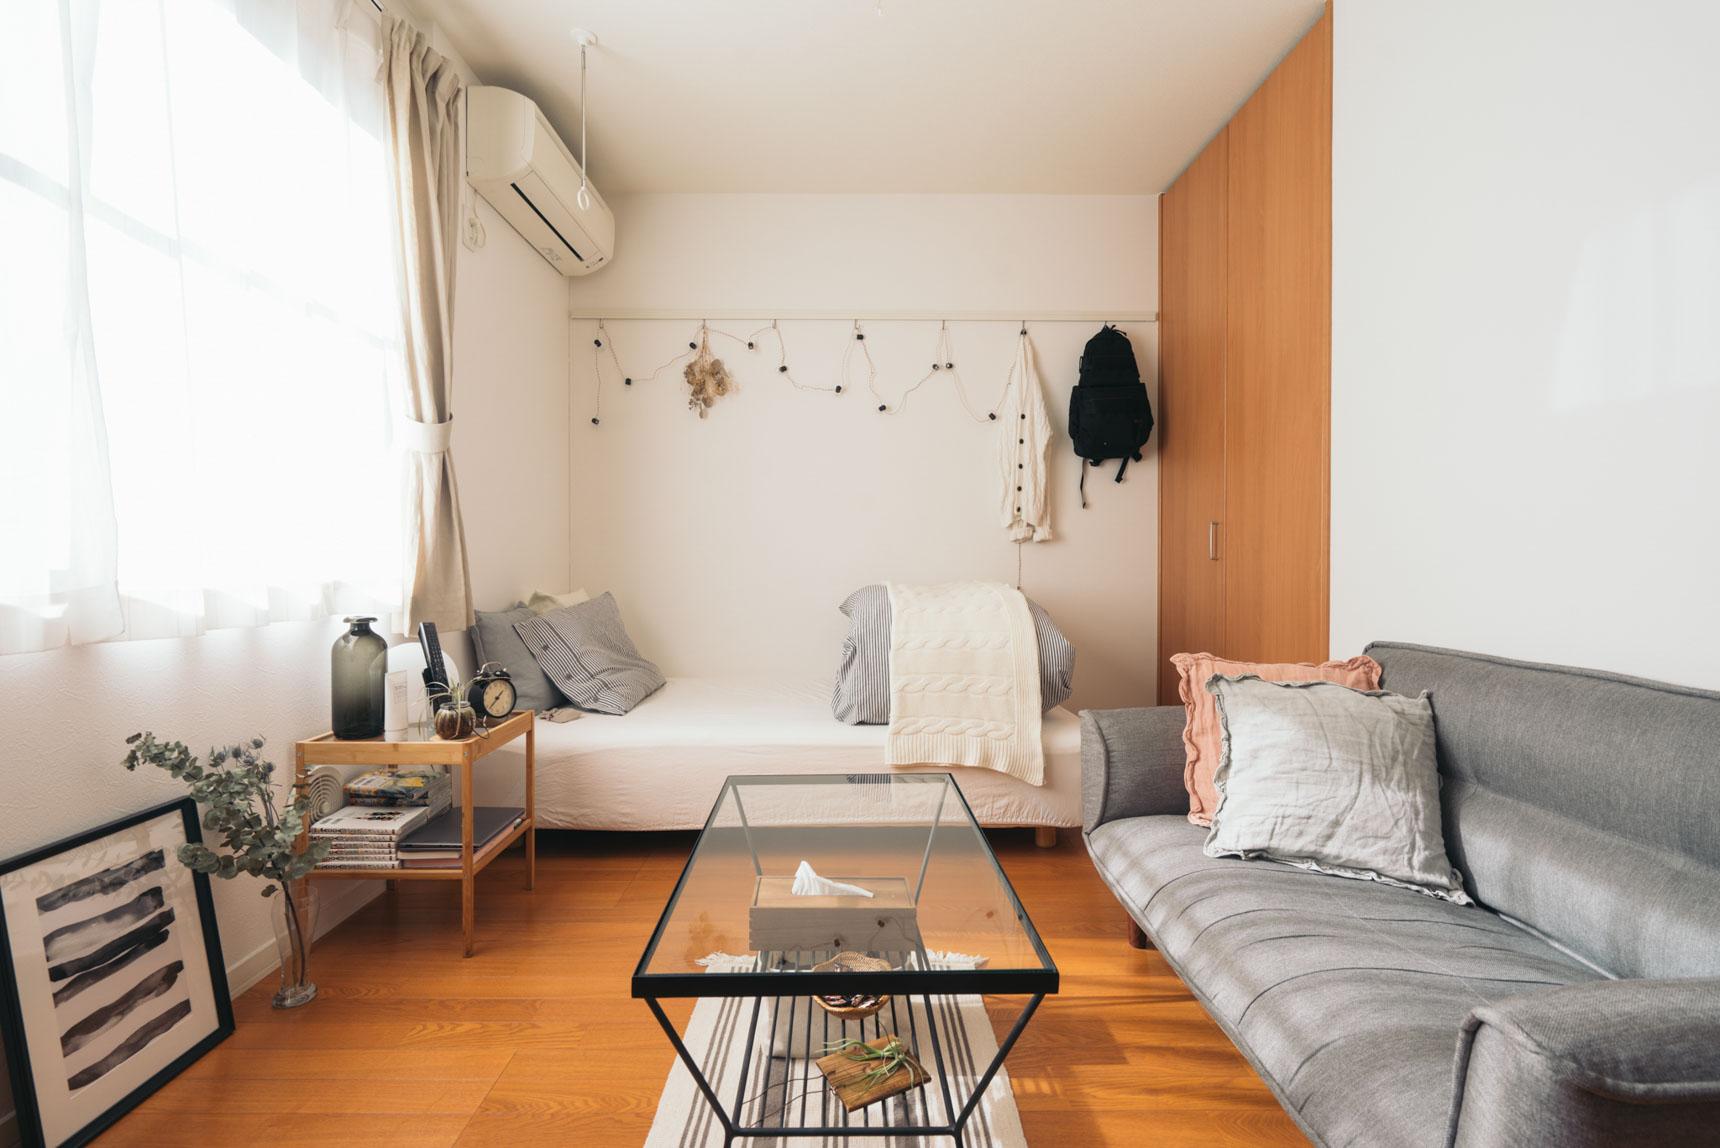 ワンルームのお部屋で、ベッドとソファを両方おきたい場合などには、ガラストップのテーブルは好相性ですね。こちらはunicoのもの(このお部屋はこちら)